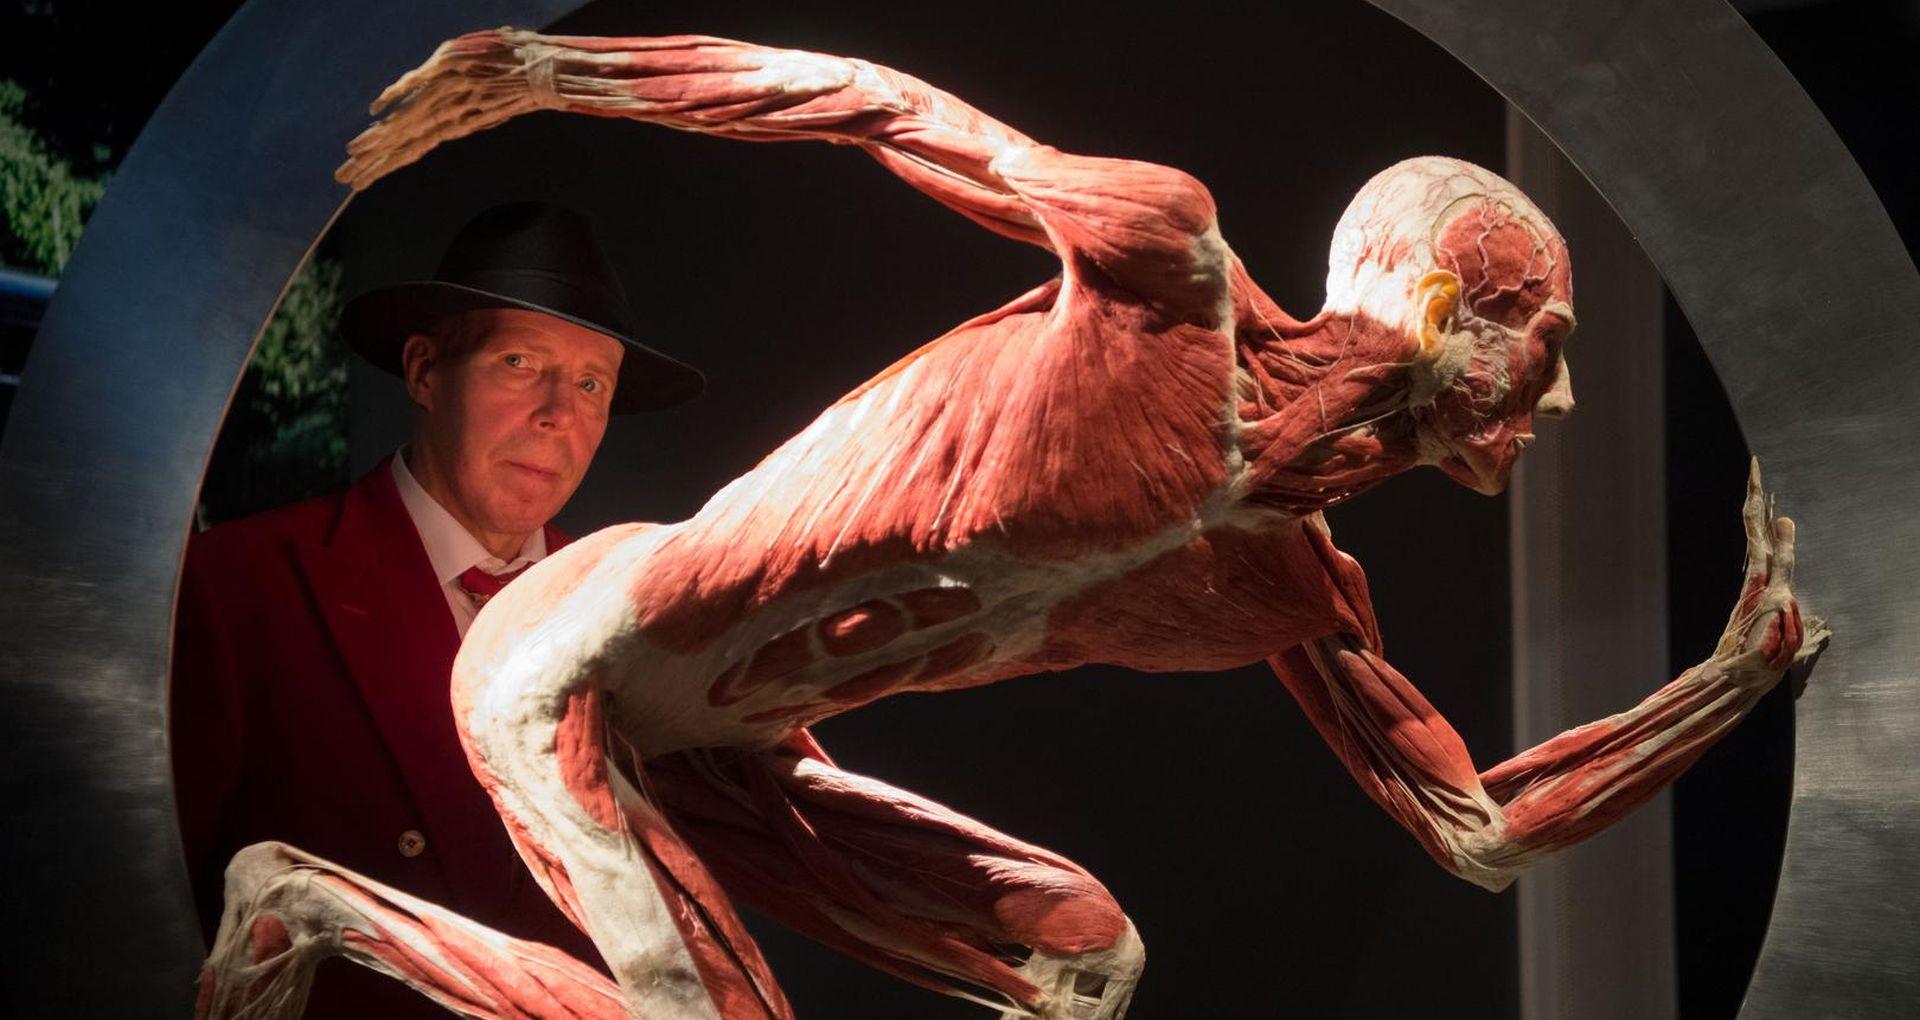 SUDSKA ODLUKA Doktor Smrt može nastaviti s izložbama